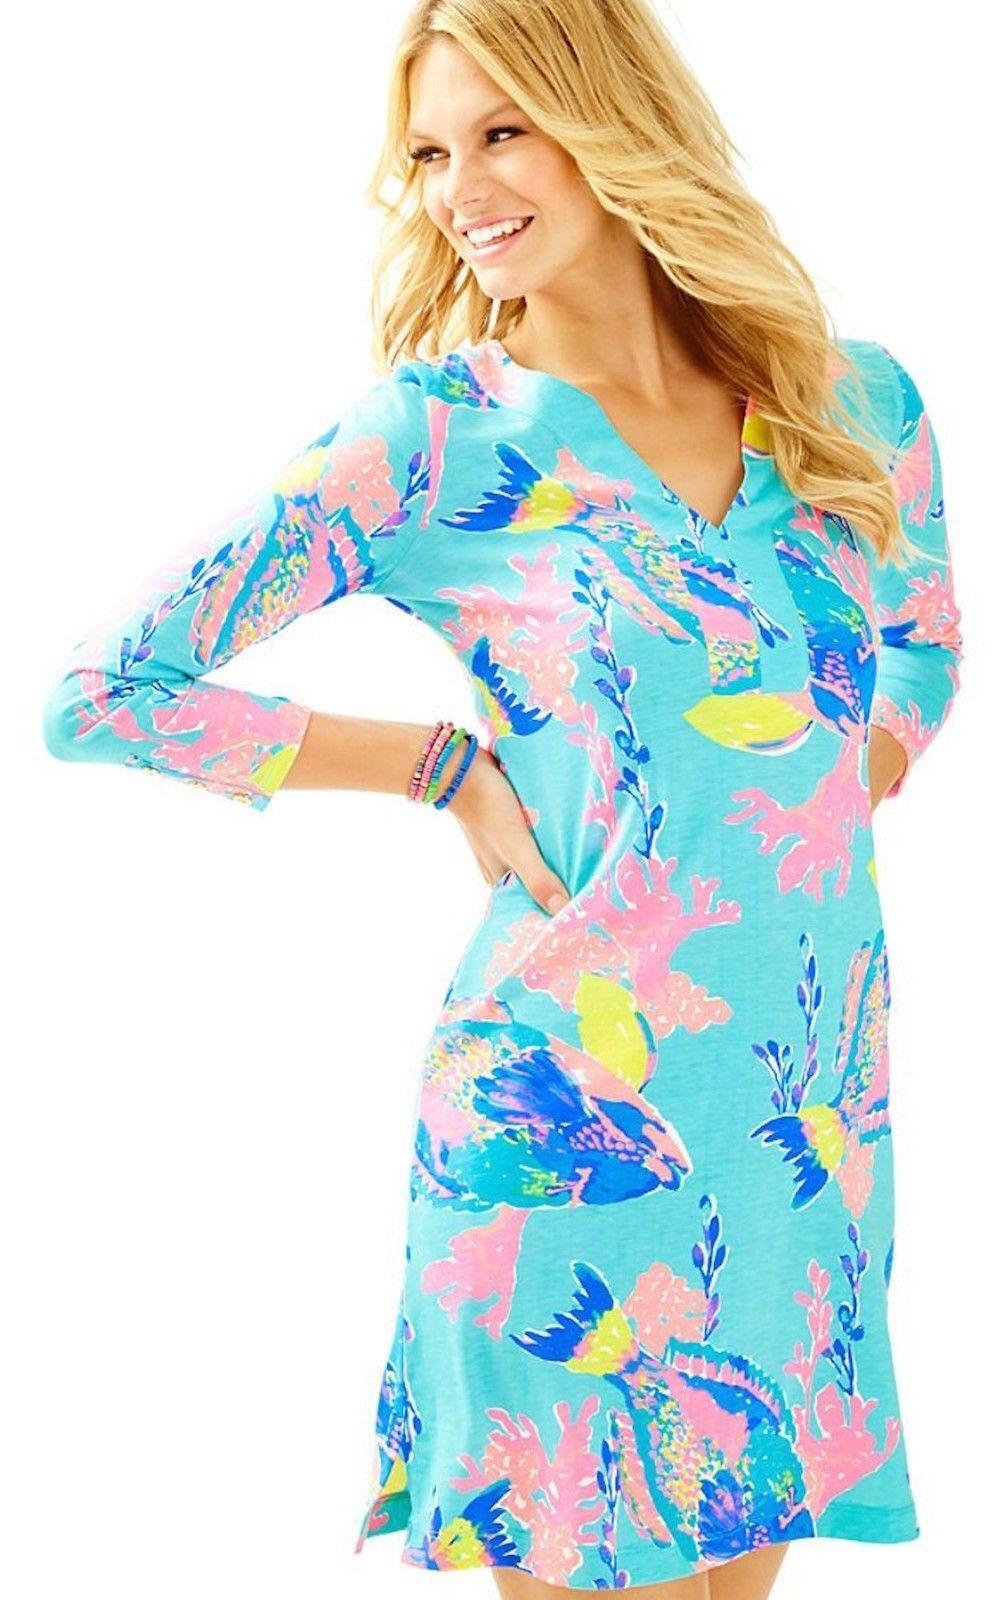 Lilly Pulitzer Riva Dress Shorley Blau Größe M NWT